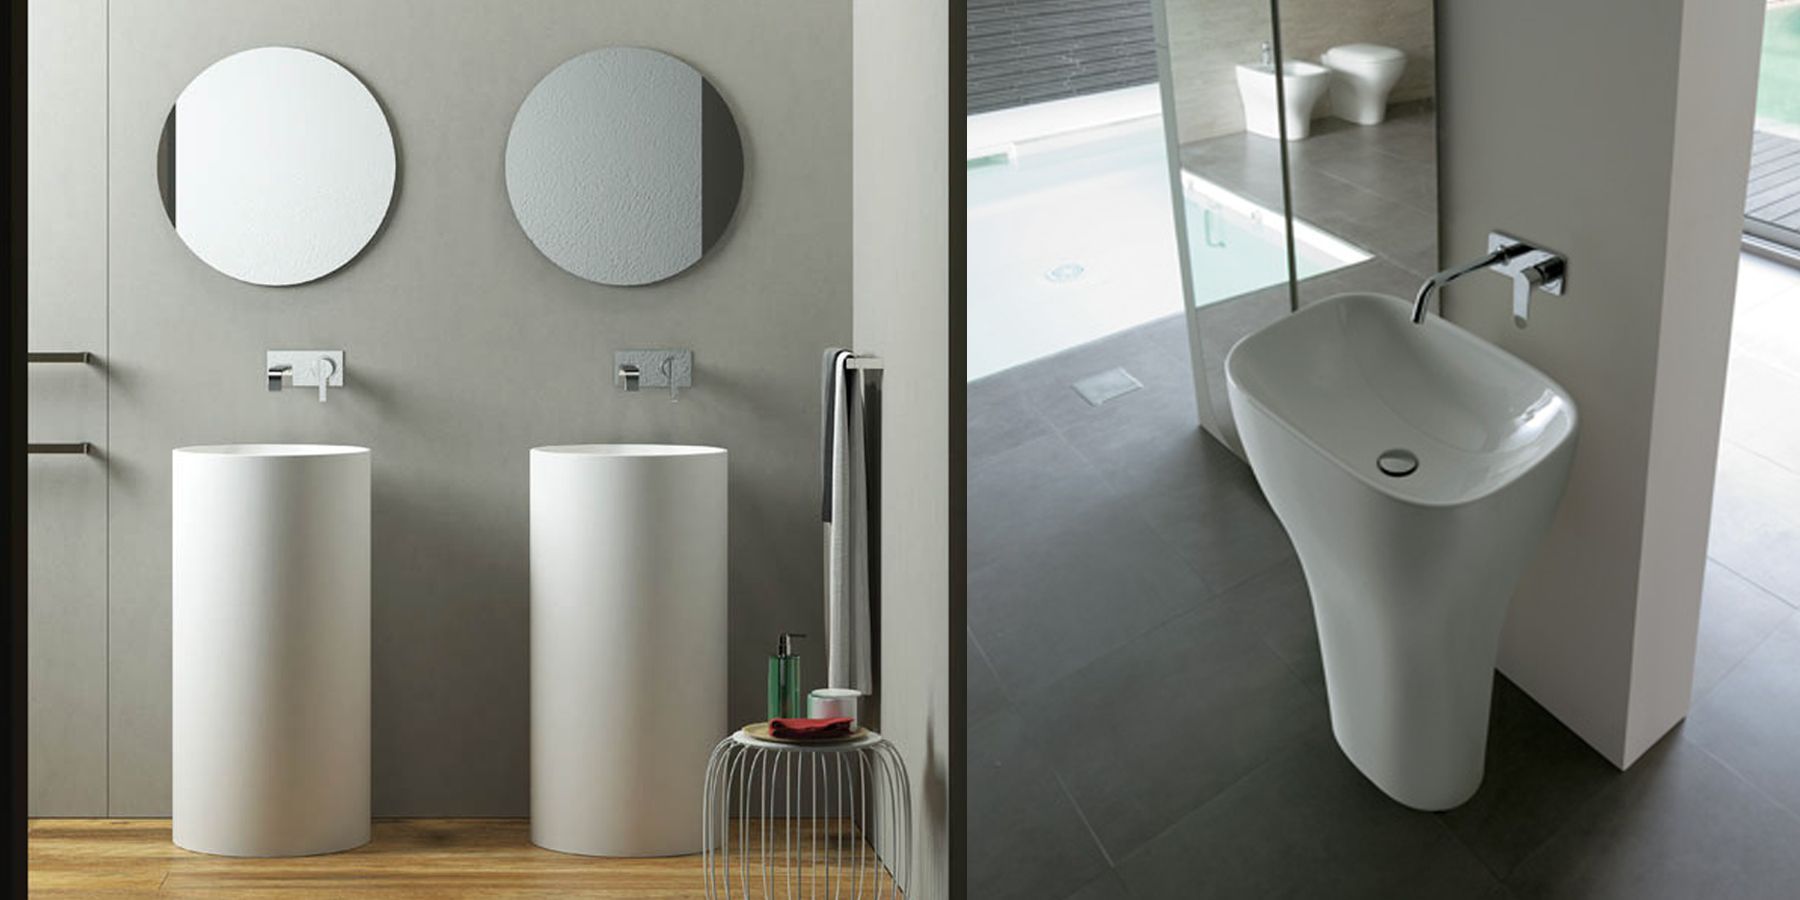 Lavabi freestanding: conosci le caratteristiche principali